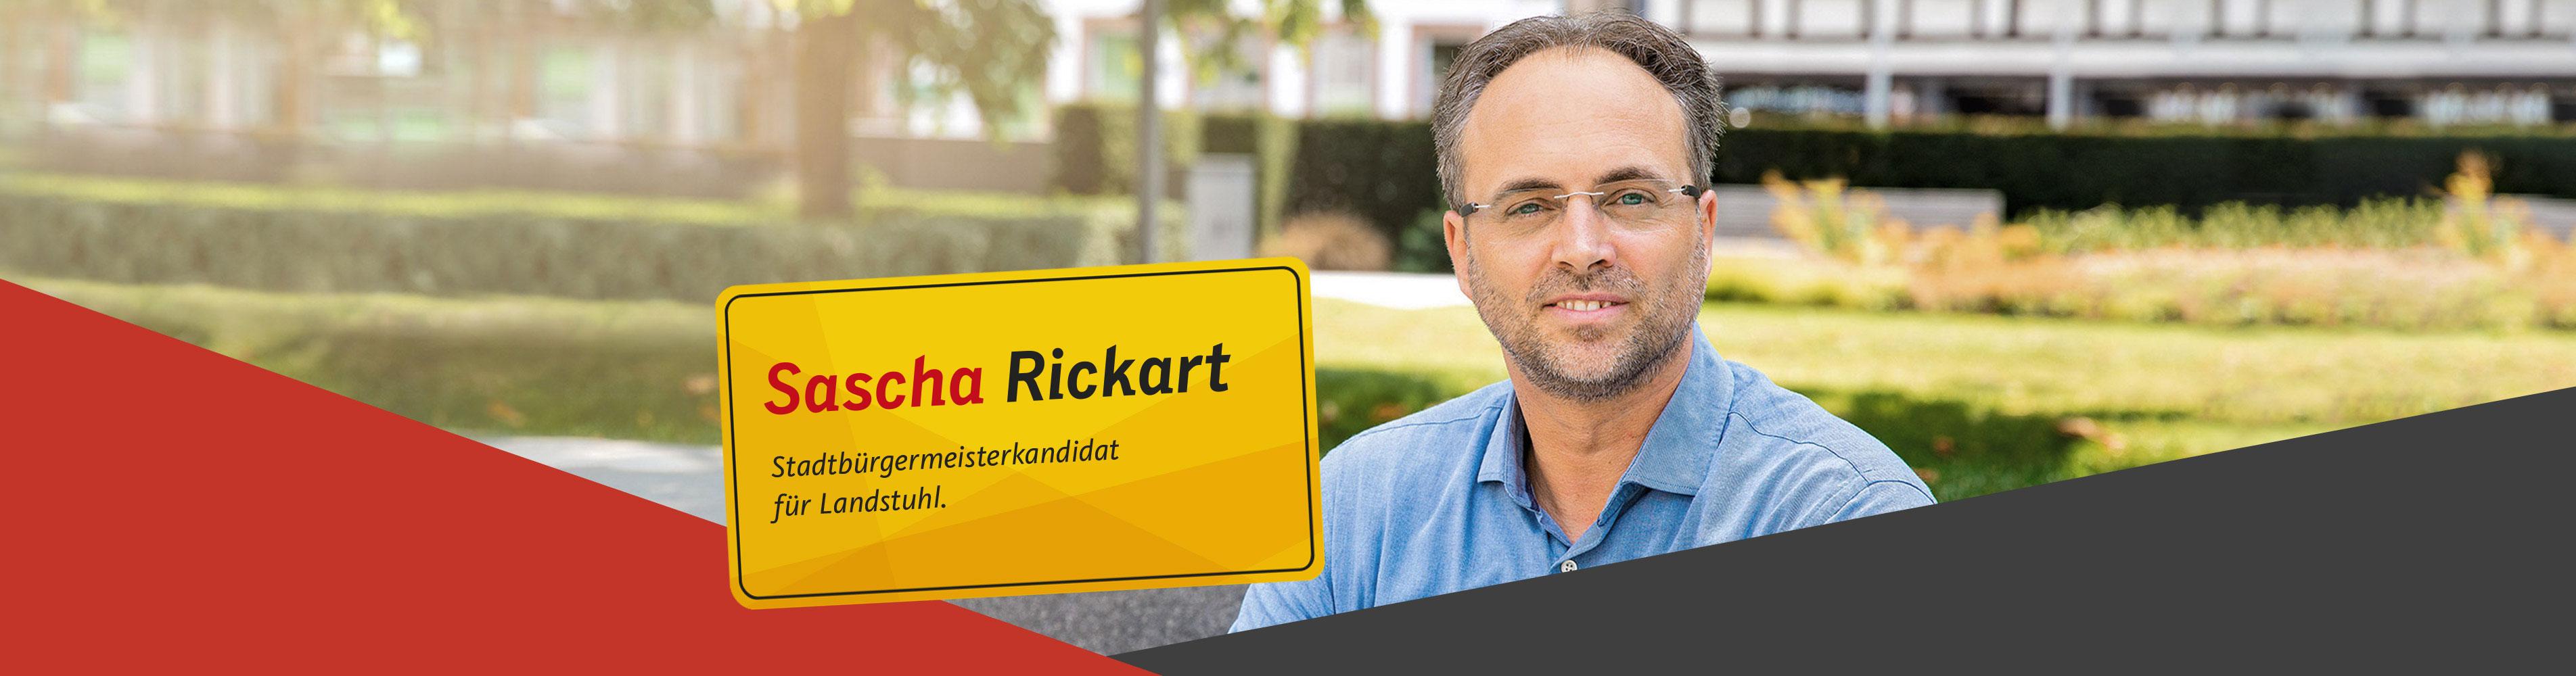 Sascha Rickart - Ihr Stadtbürgermeisterkandidat für Landstuhl